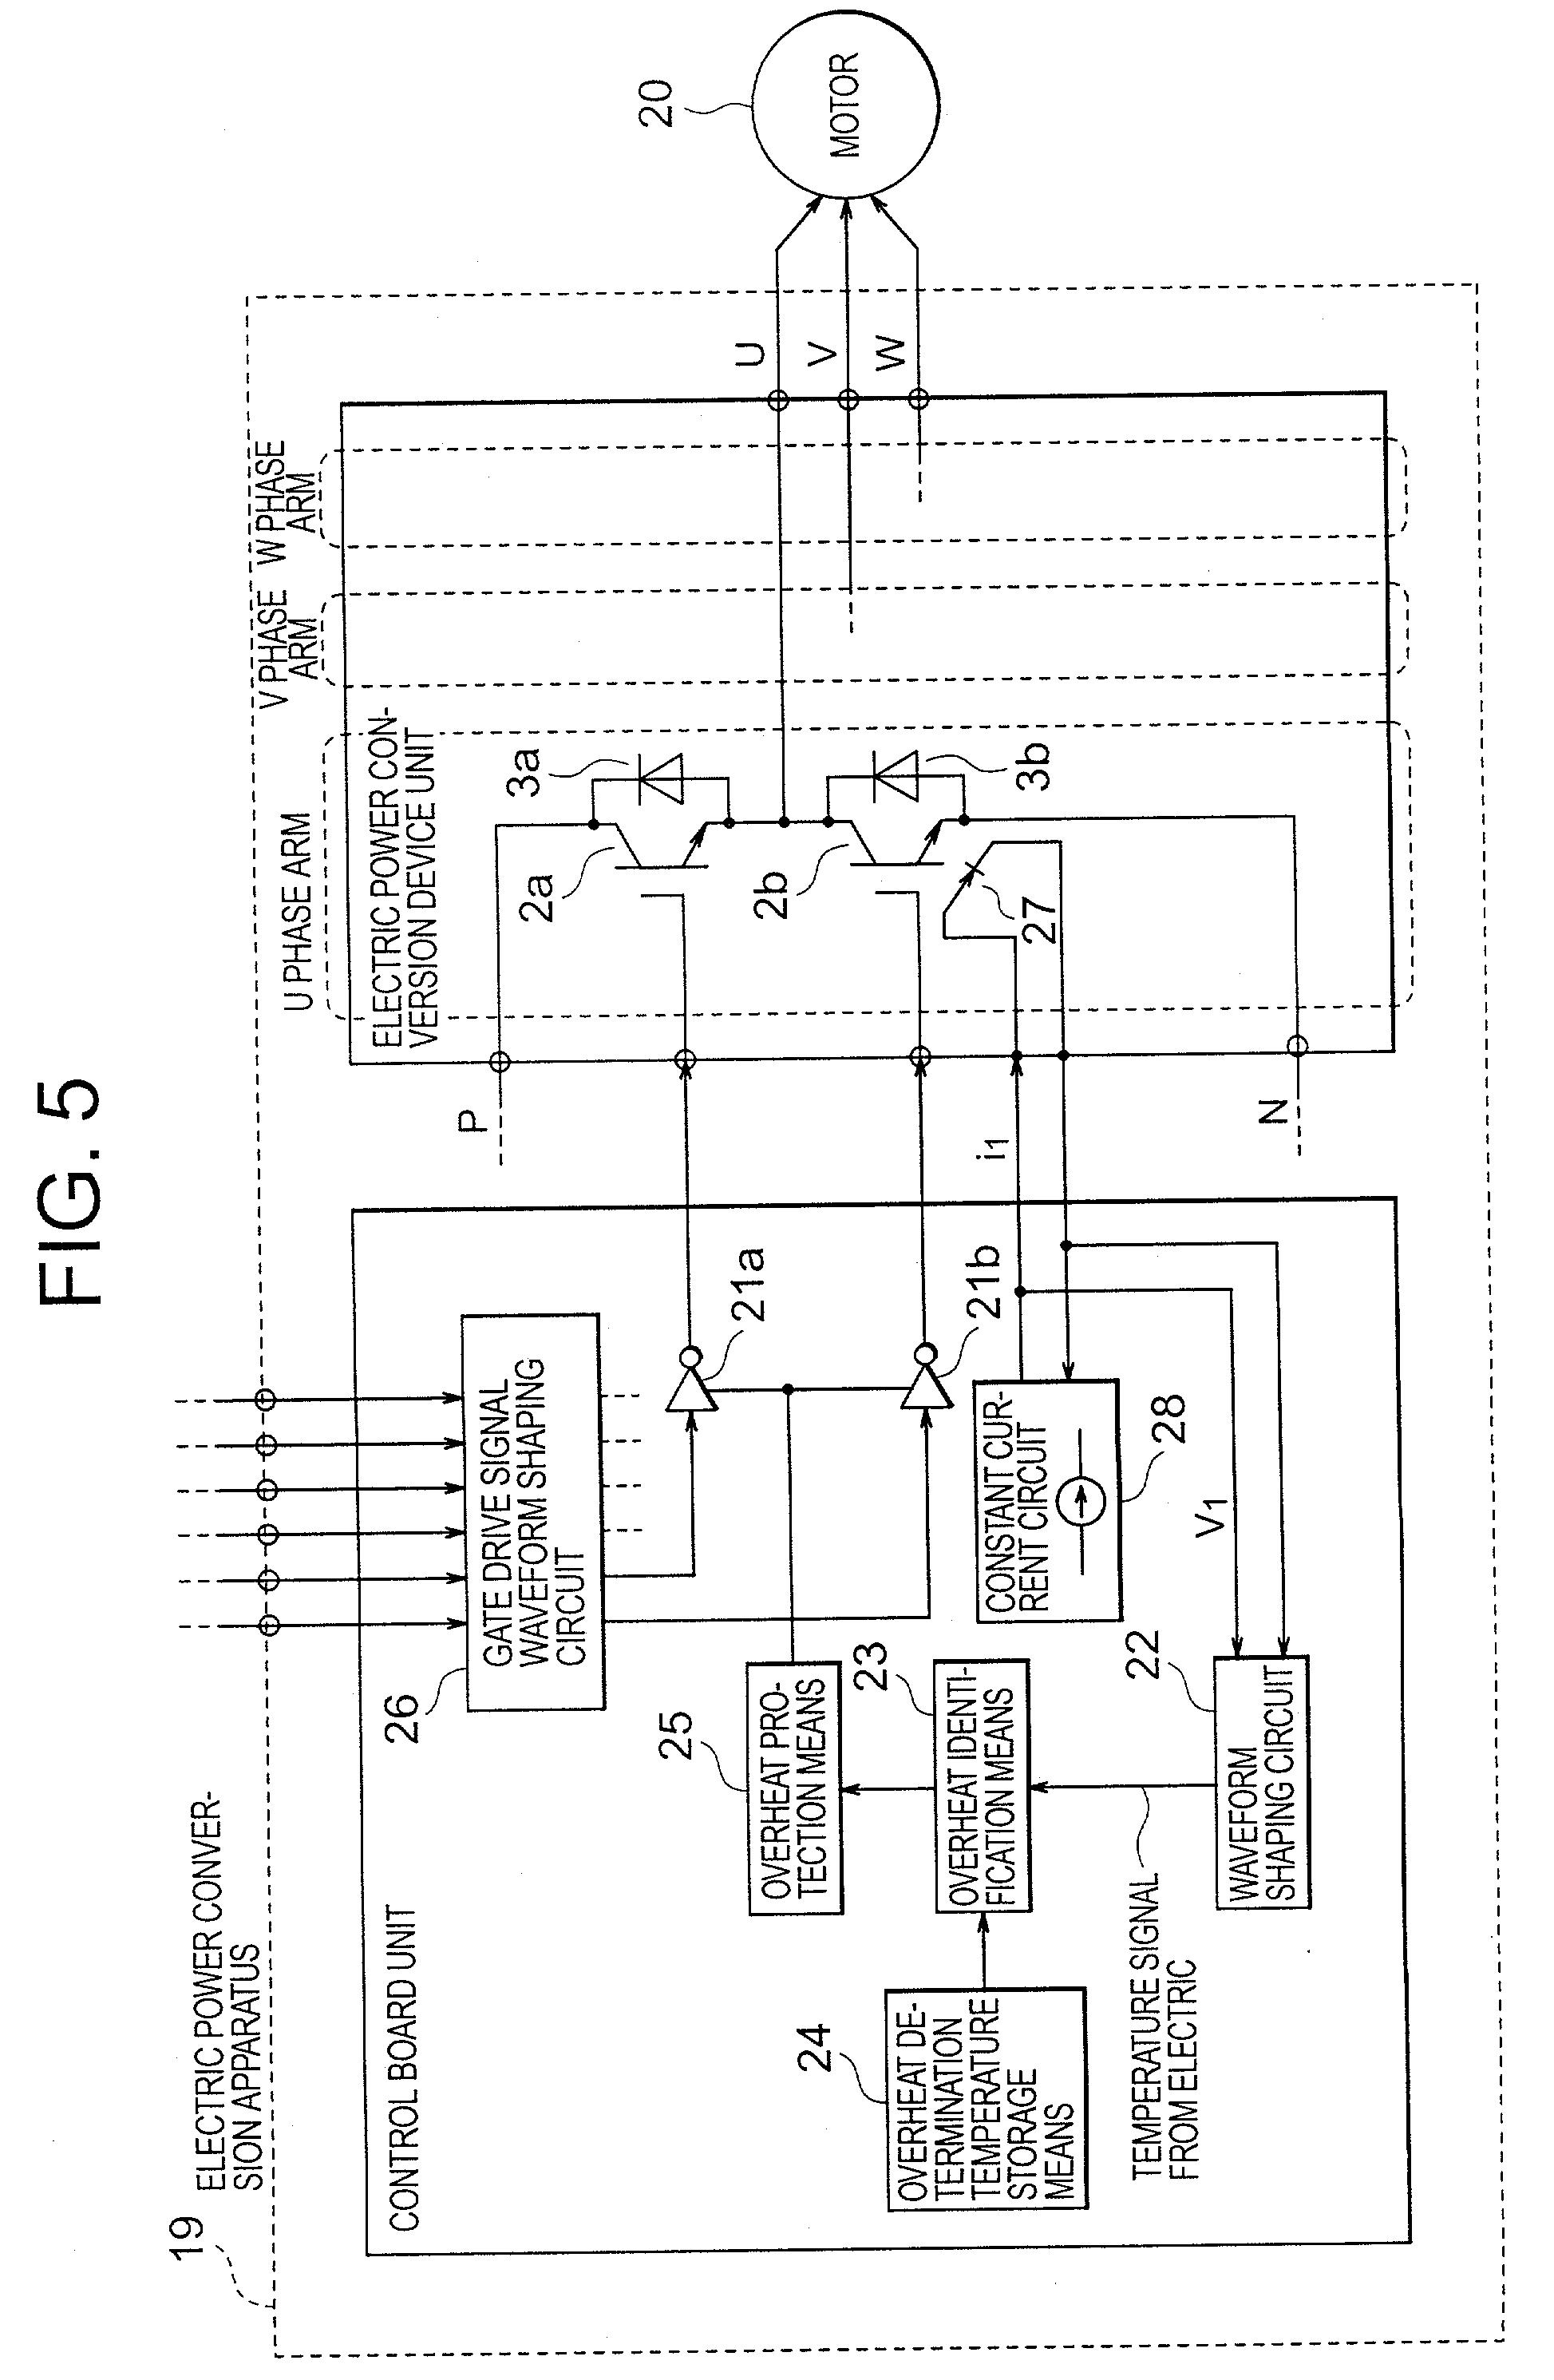 electromechanical energy conversion Ece3300 electromechanical and electromagnetic energy conversion (3-0-3) prerequisites ece 3025 [min c] and ece 3040 [min c] corequisites none catalog description.